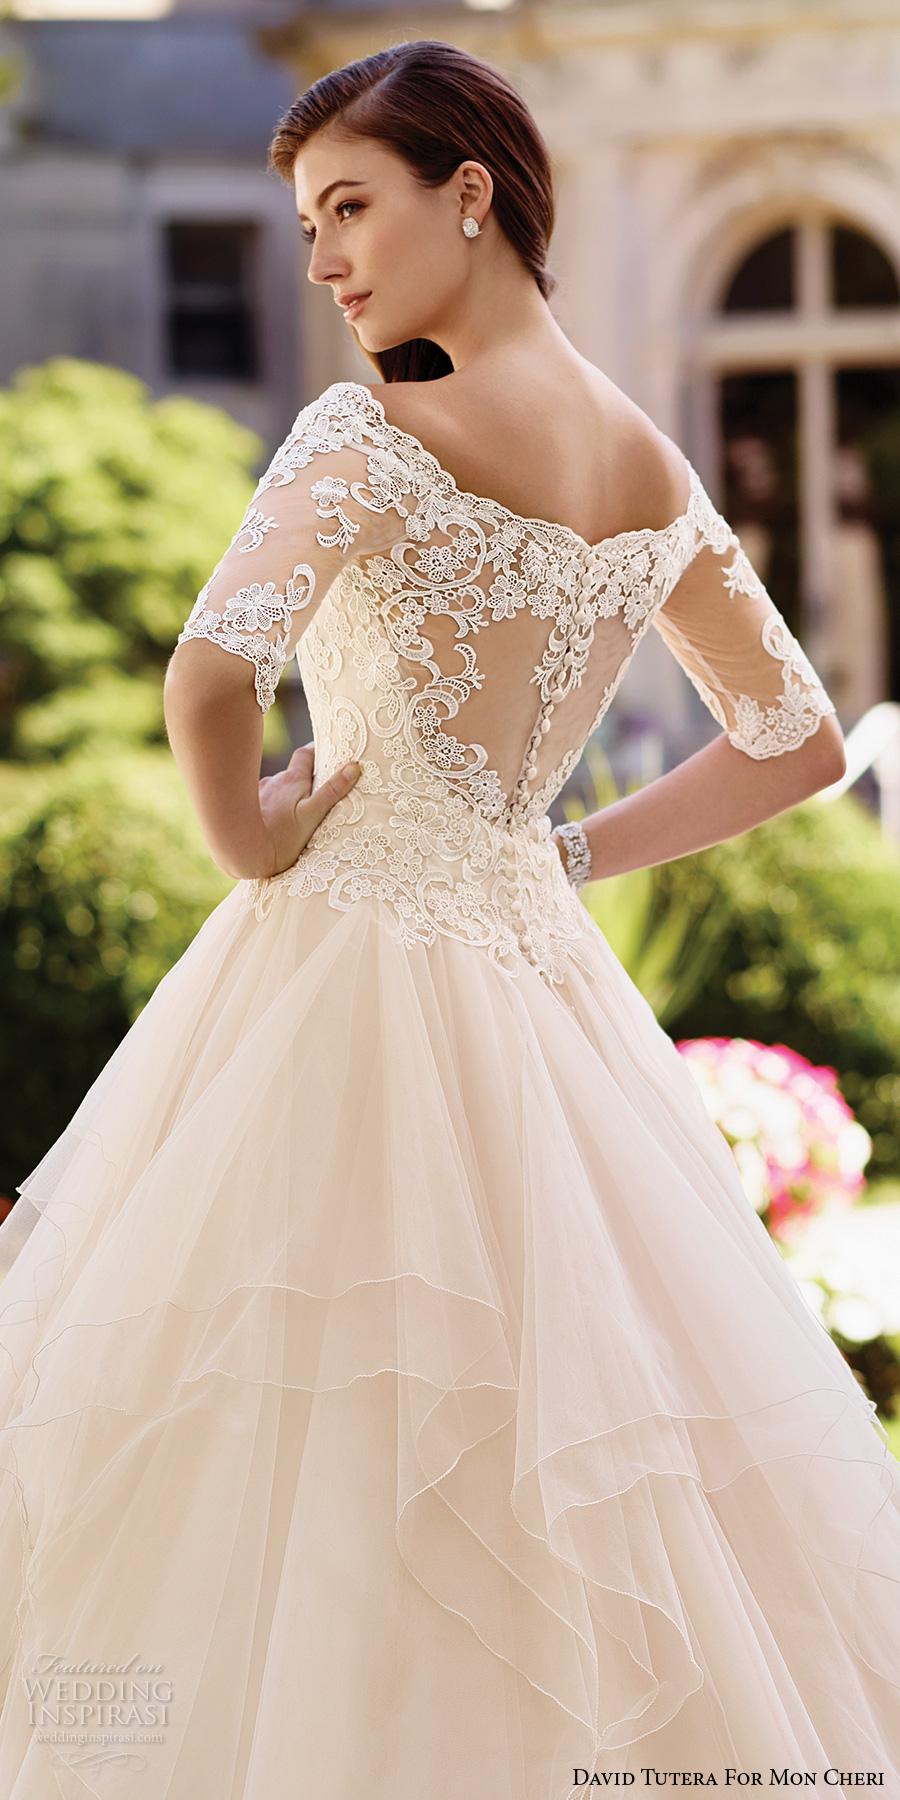 David Tutera for Mon Cheri Spring 2017 Wedding Dresses  Wedding Inspirasi